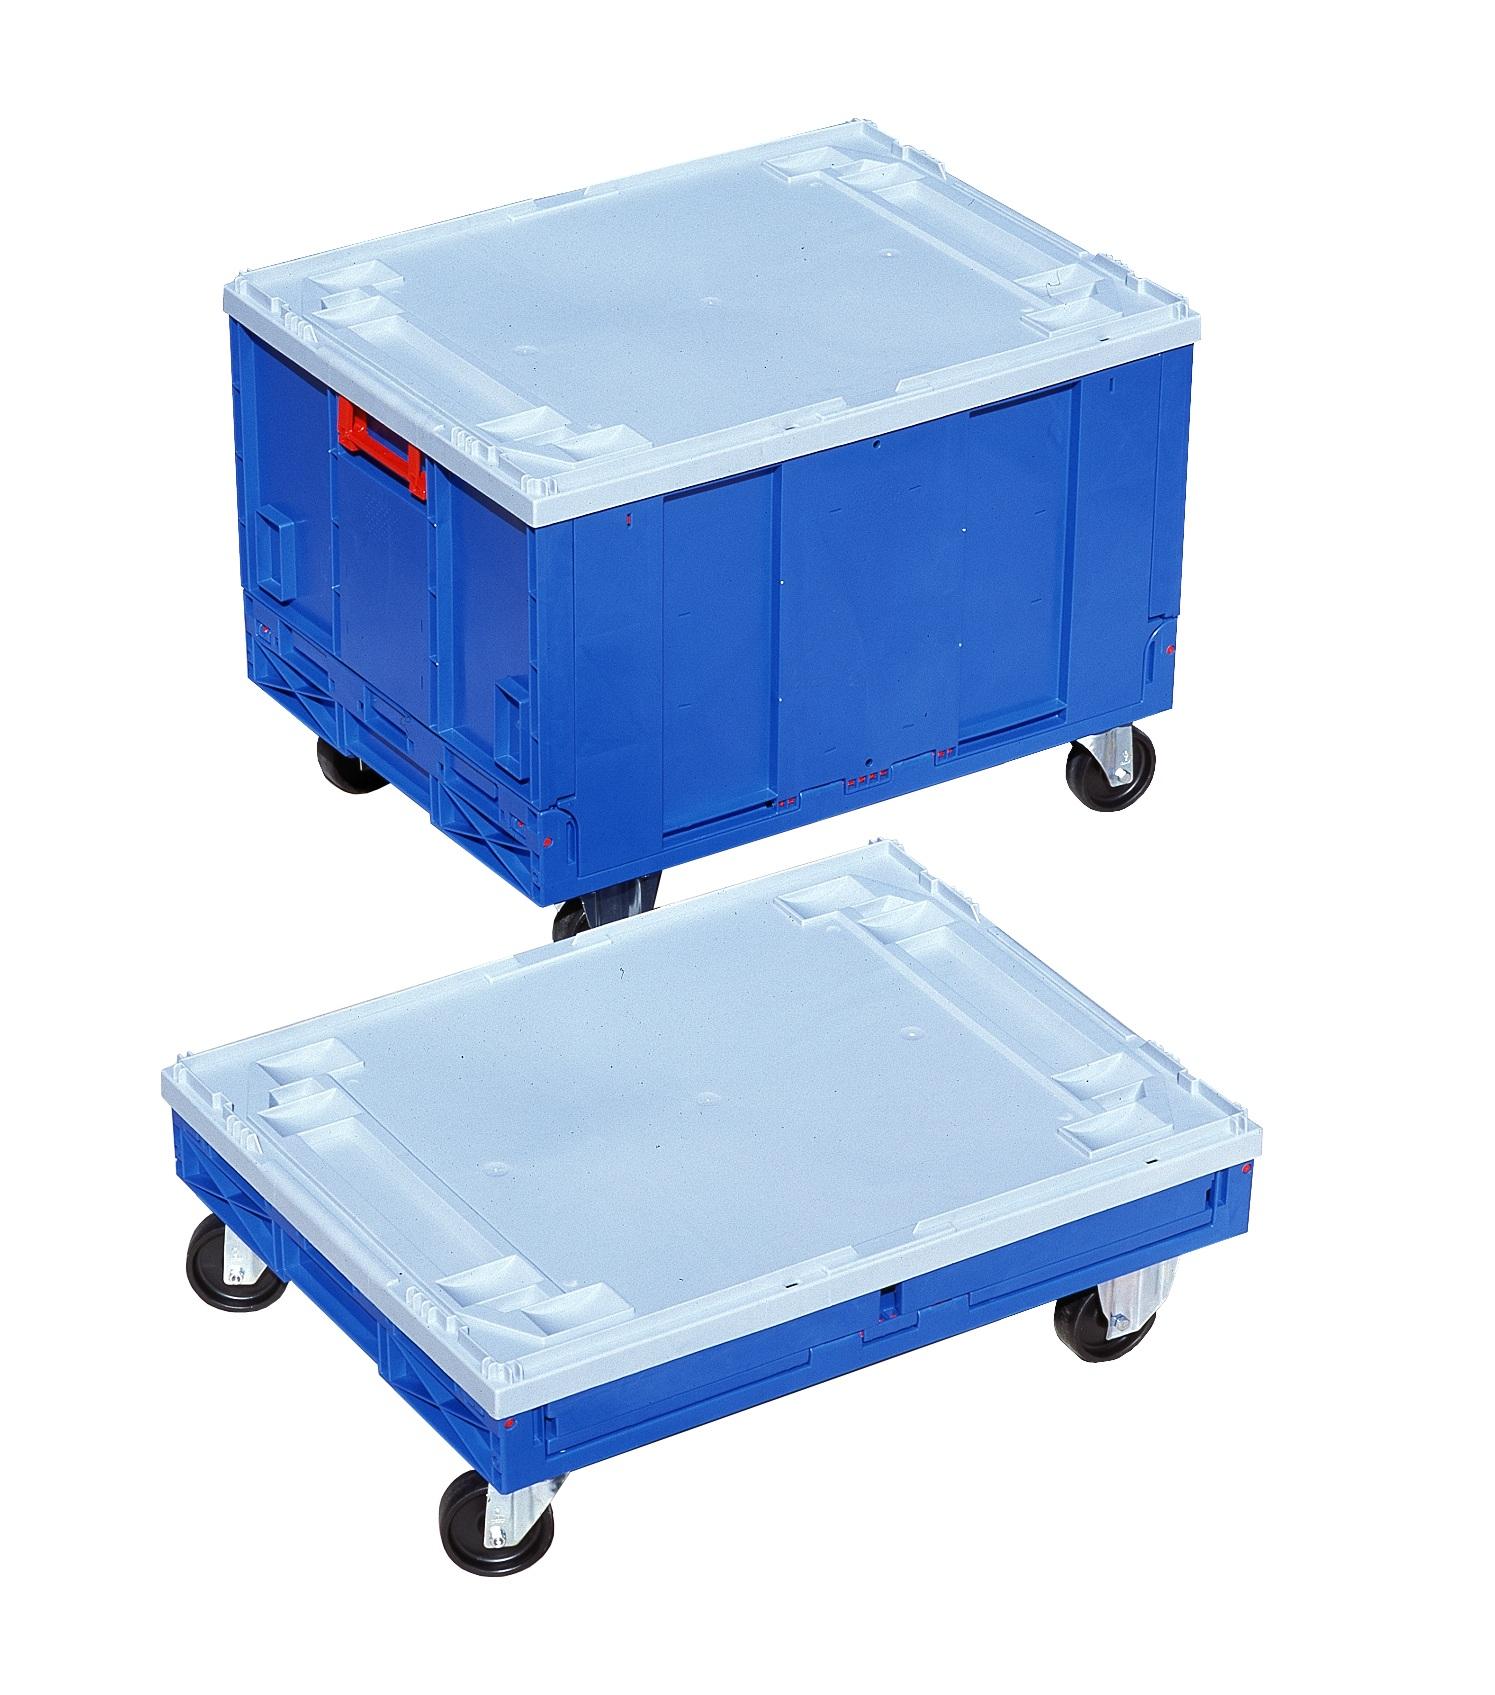 Caja de pl stico plegables con fondo y ruedas for Cajas de plastico plegables